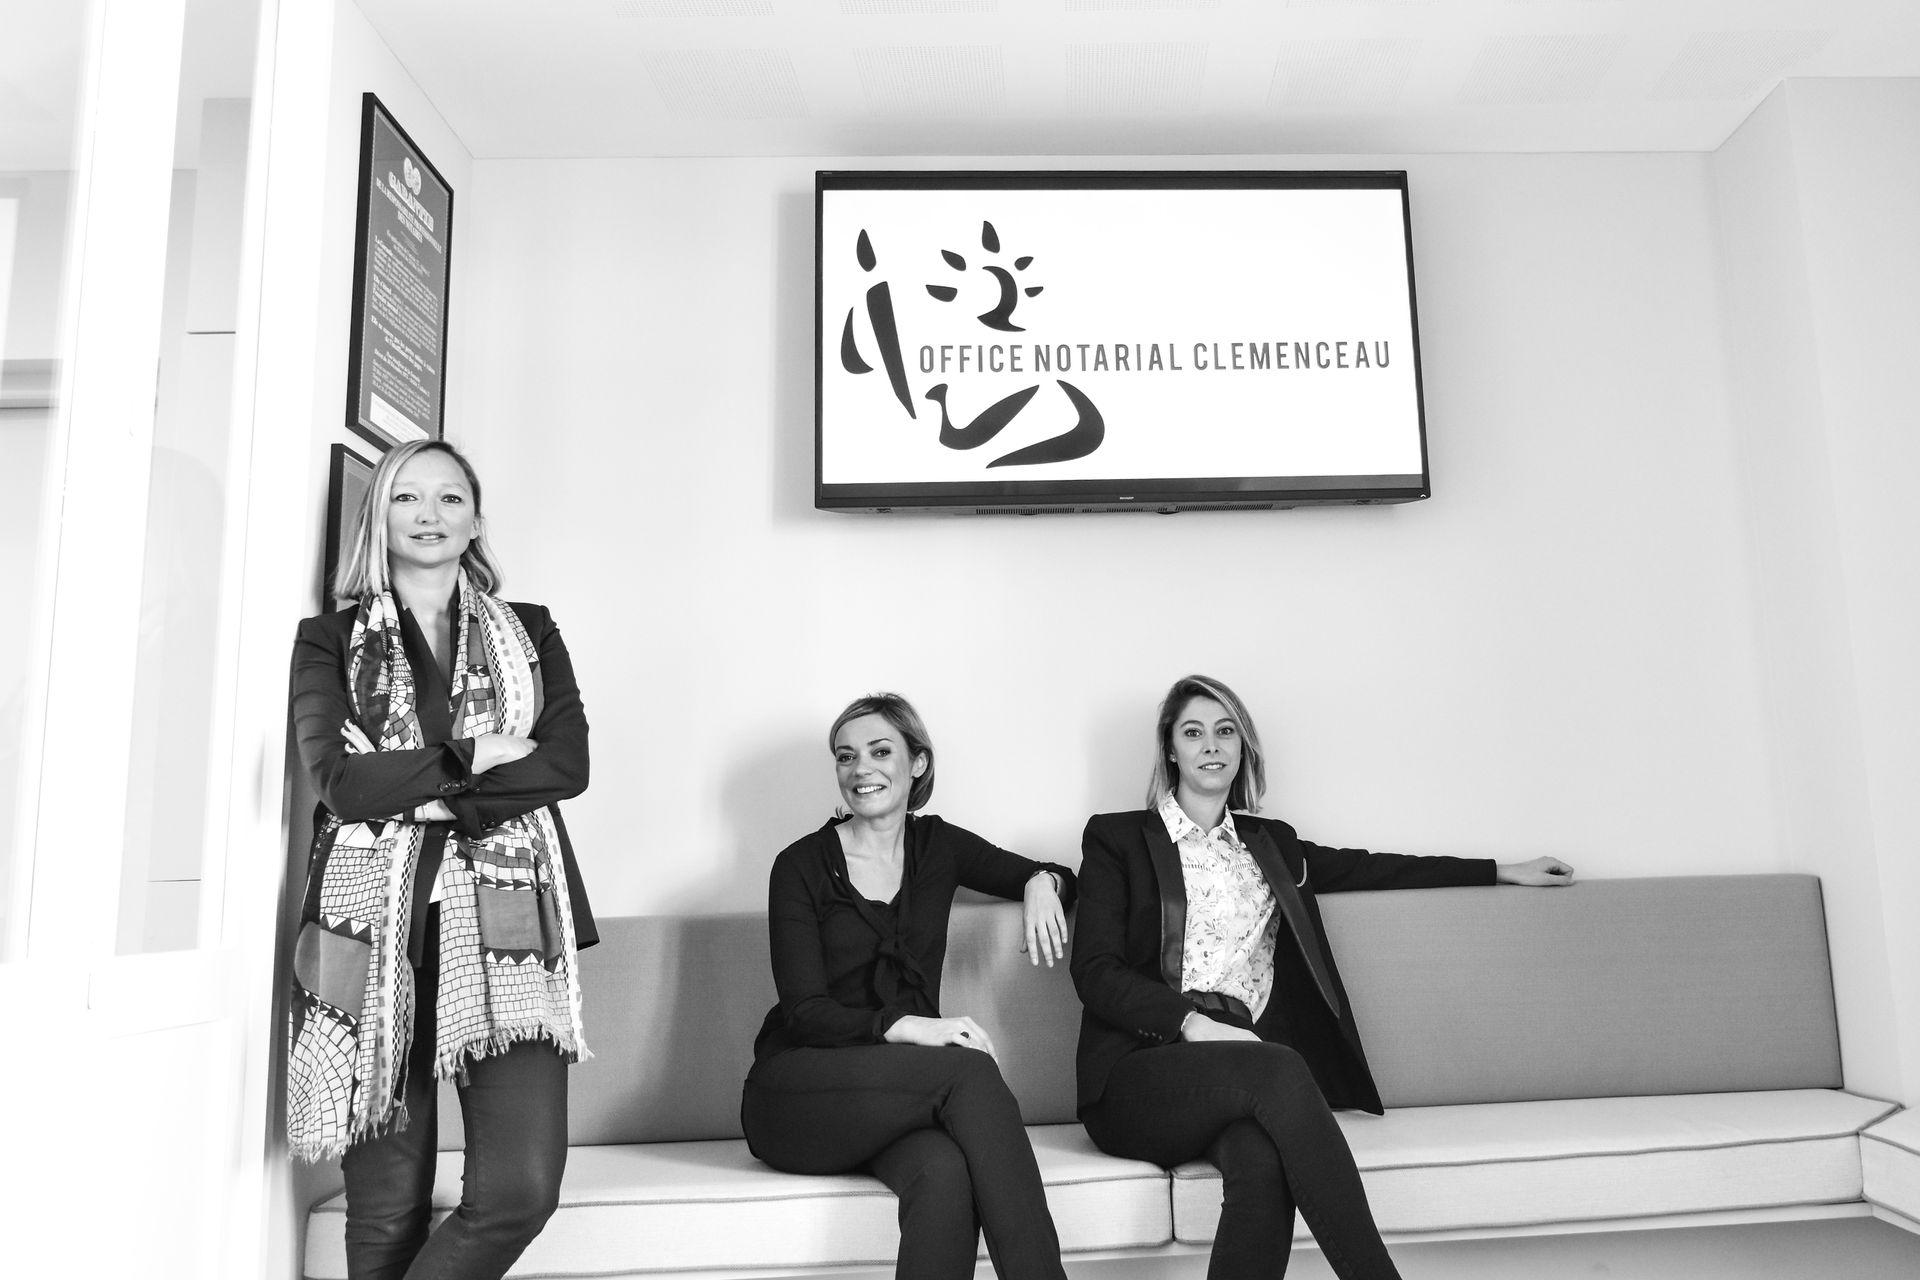 OFFICE NOTARIAL CLEMENCEAU Hélène BOUYSSOU, Marianne DIETRICH, Laetitia LAMAIGNERE notaire